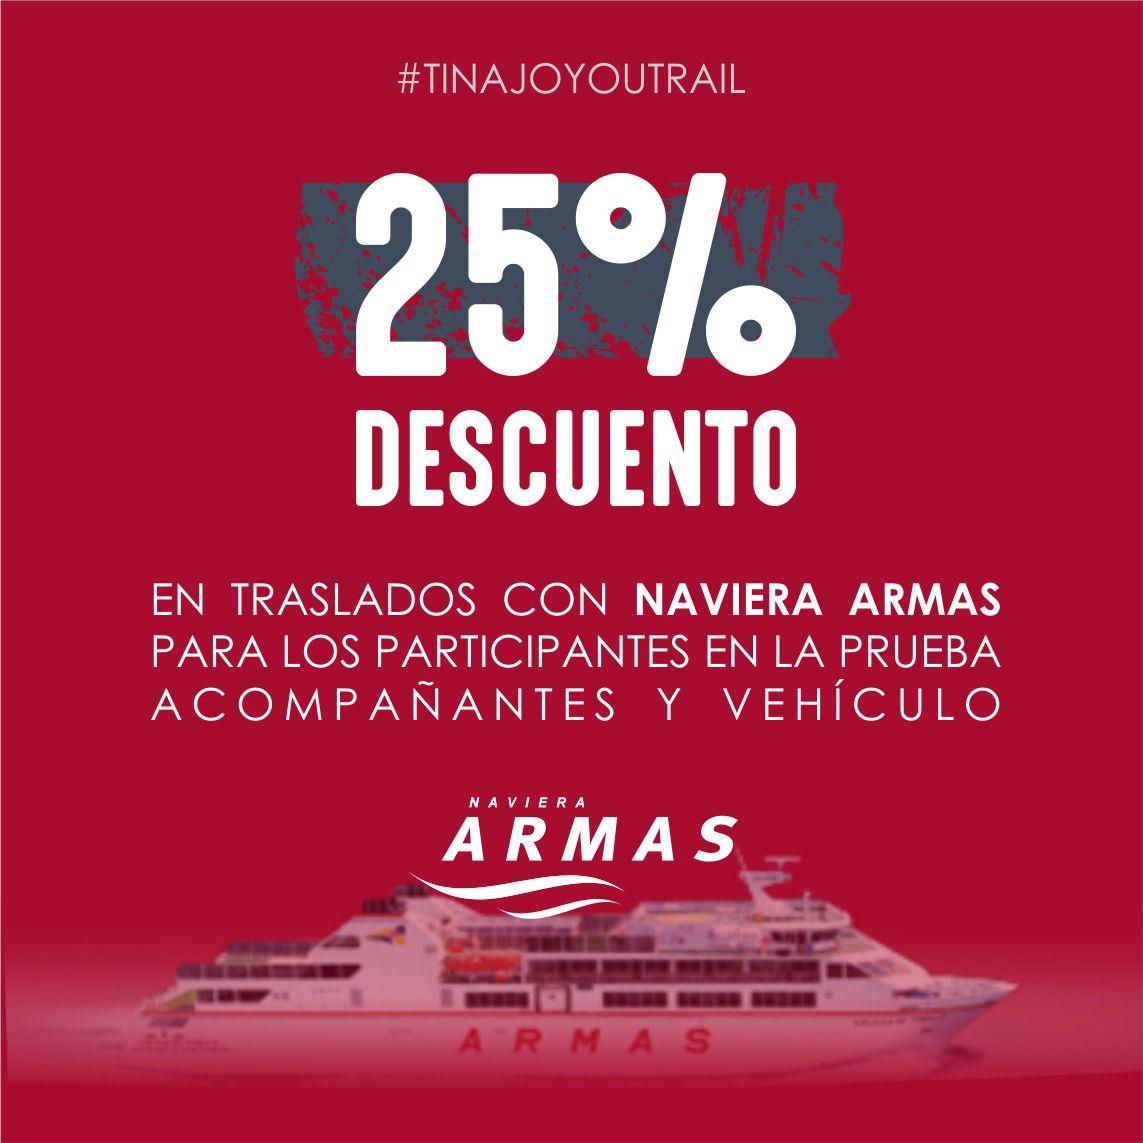 Naviera Armas ofrece descuentos del 25% para participantes de la Tinajo YouTrail